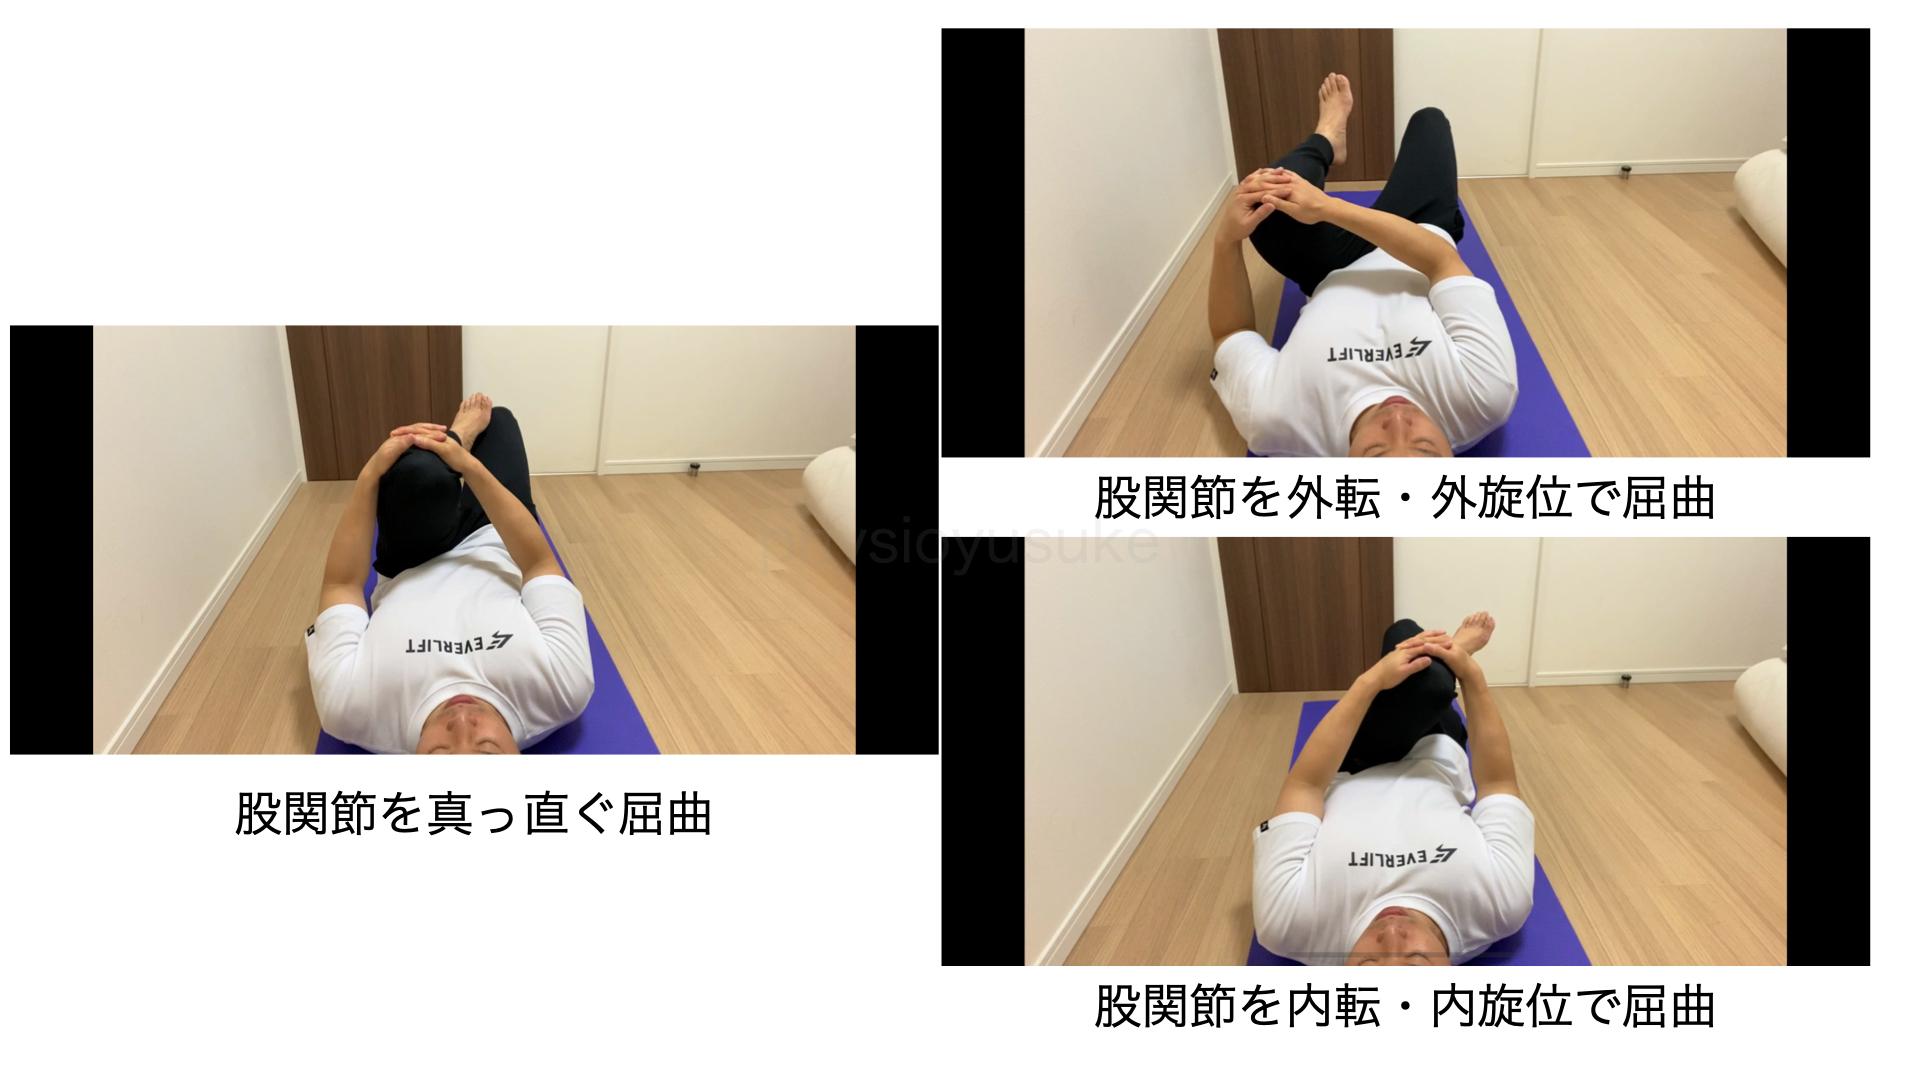 腰痛体操、股関節、運動、ストレッチ、股関節屈曲ストレッチ